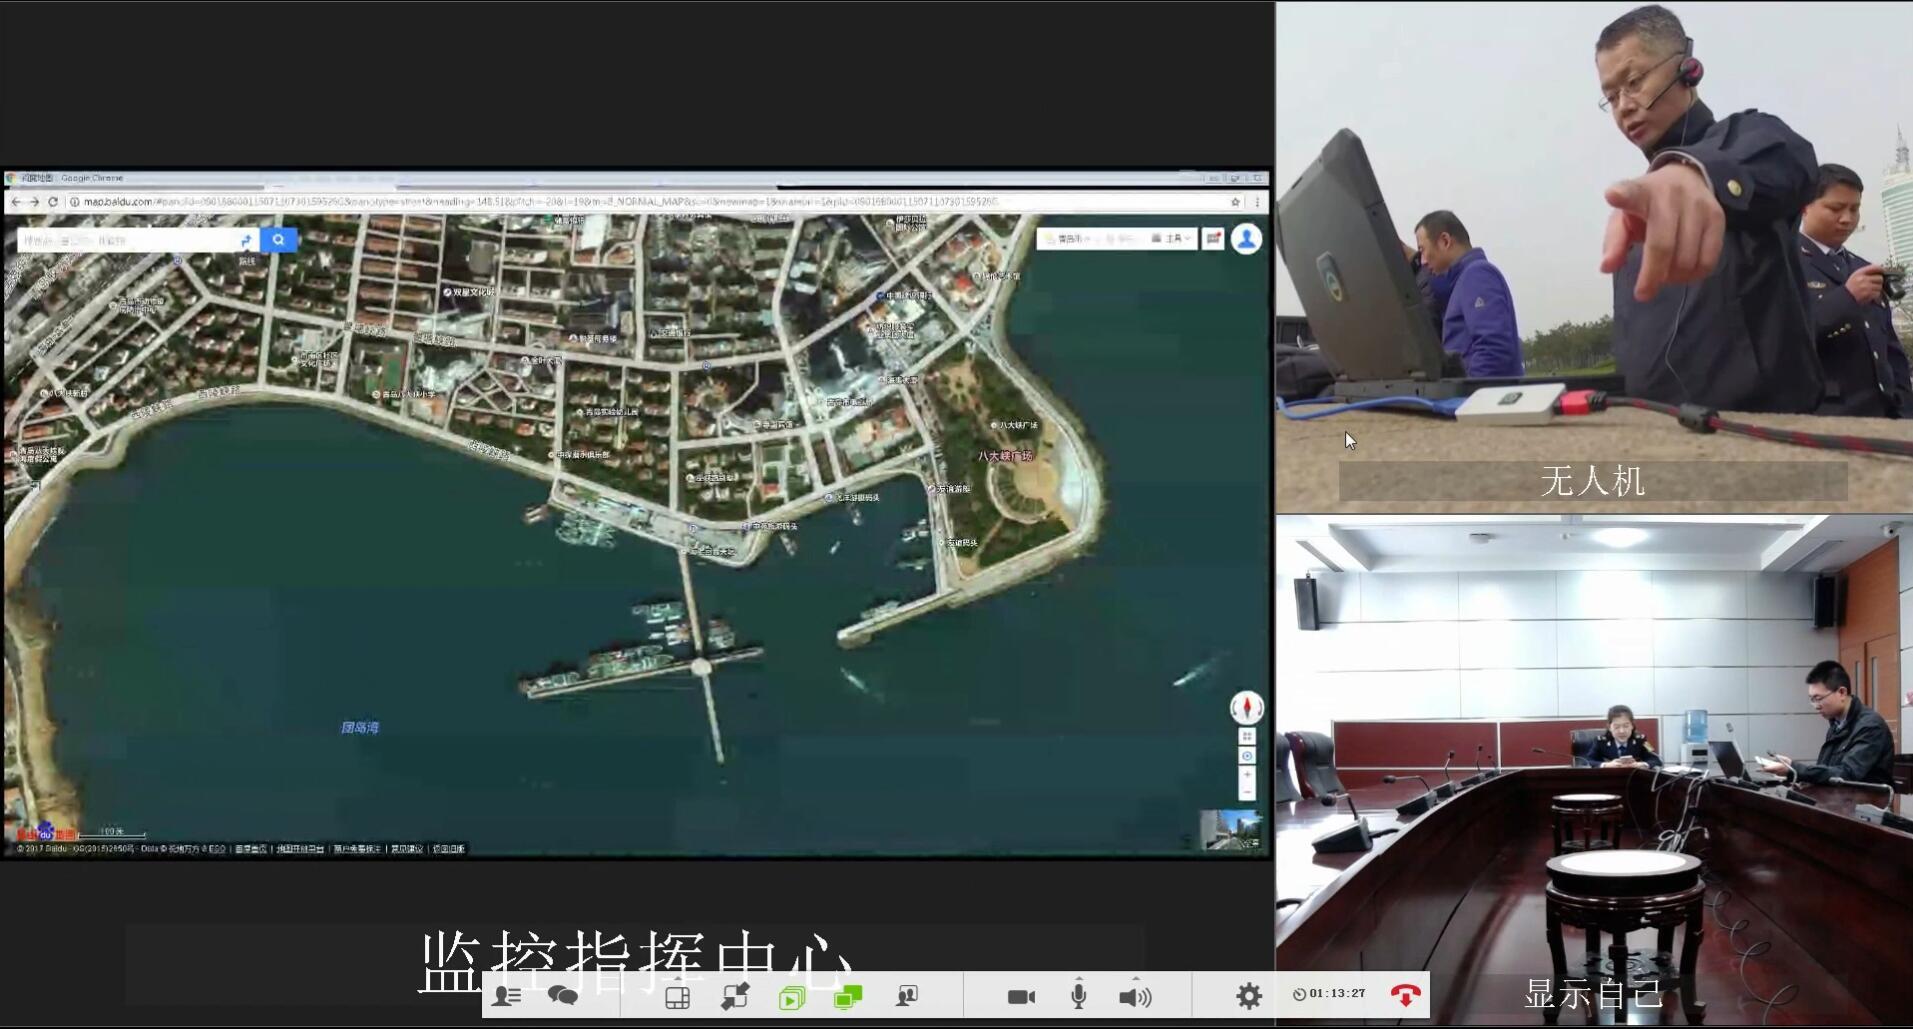 4G移动视频通讯指挥系统.jpg